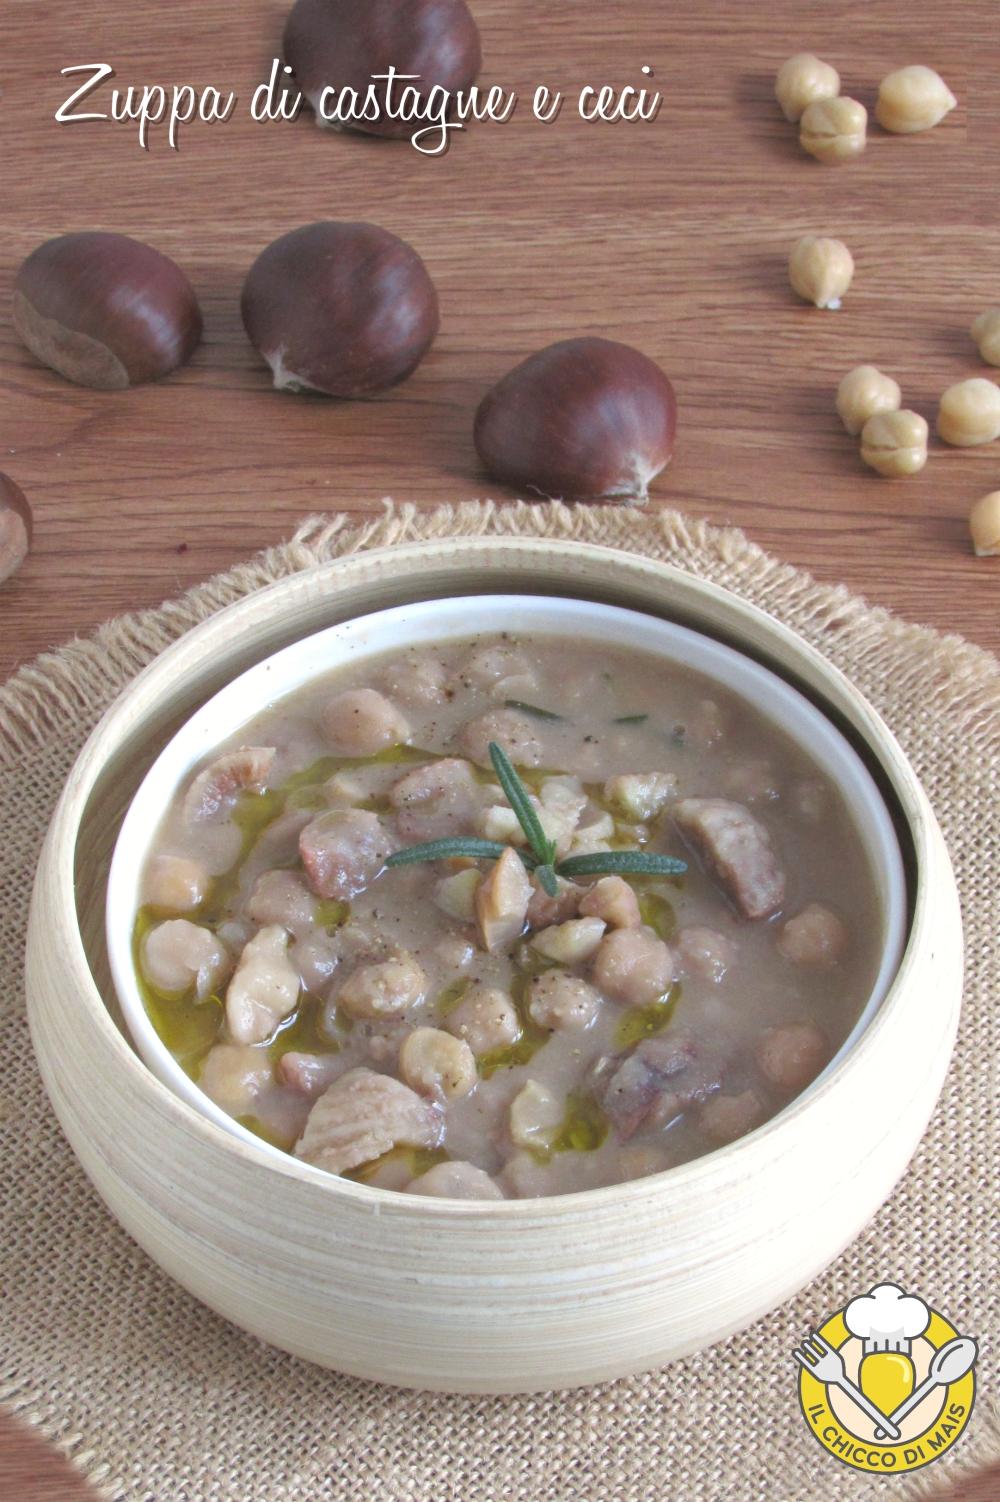 v_ zuppa di castagne e ceci cremosa ricetta vegetariana vegana il chicco di mais